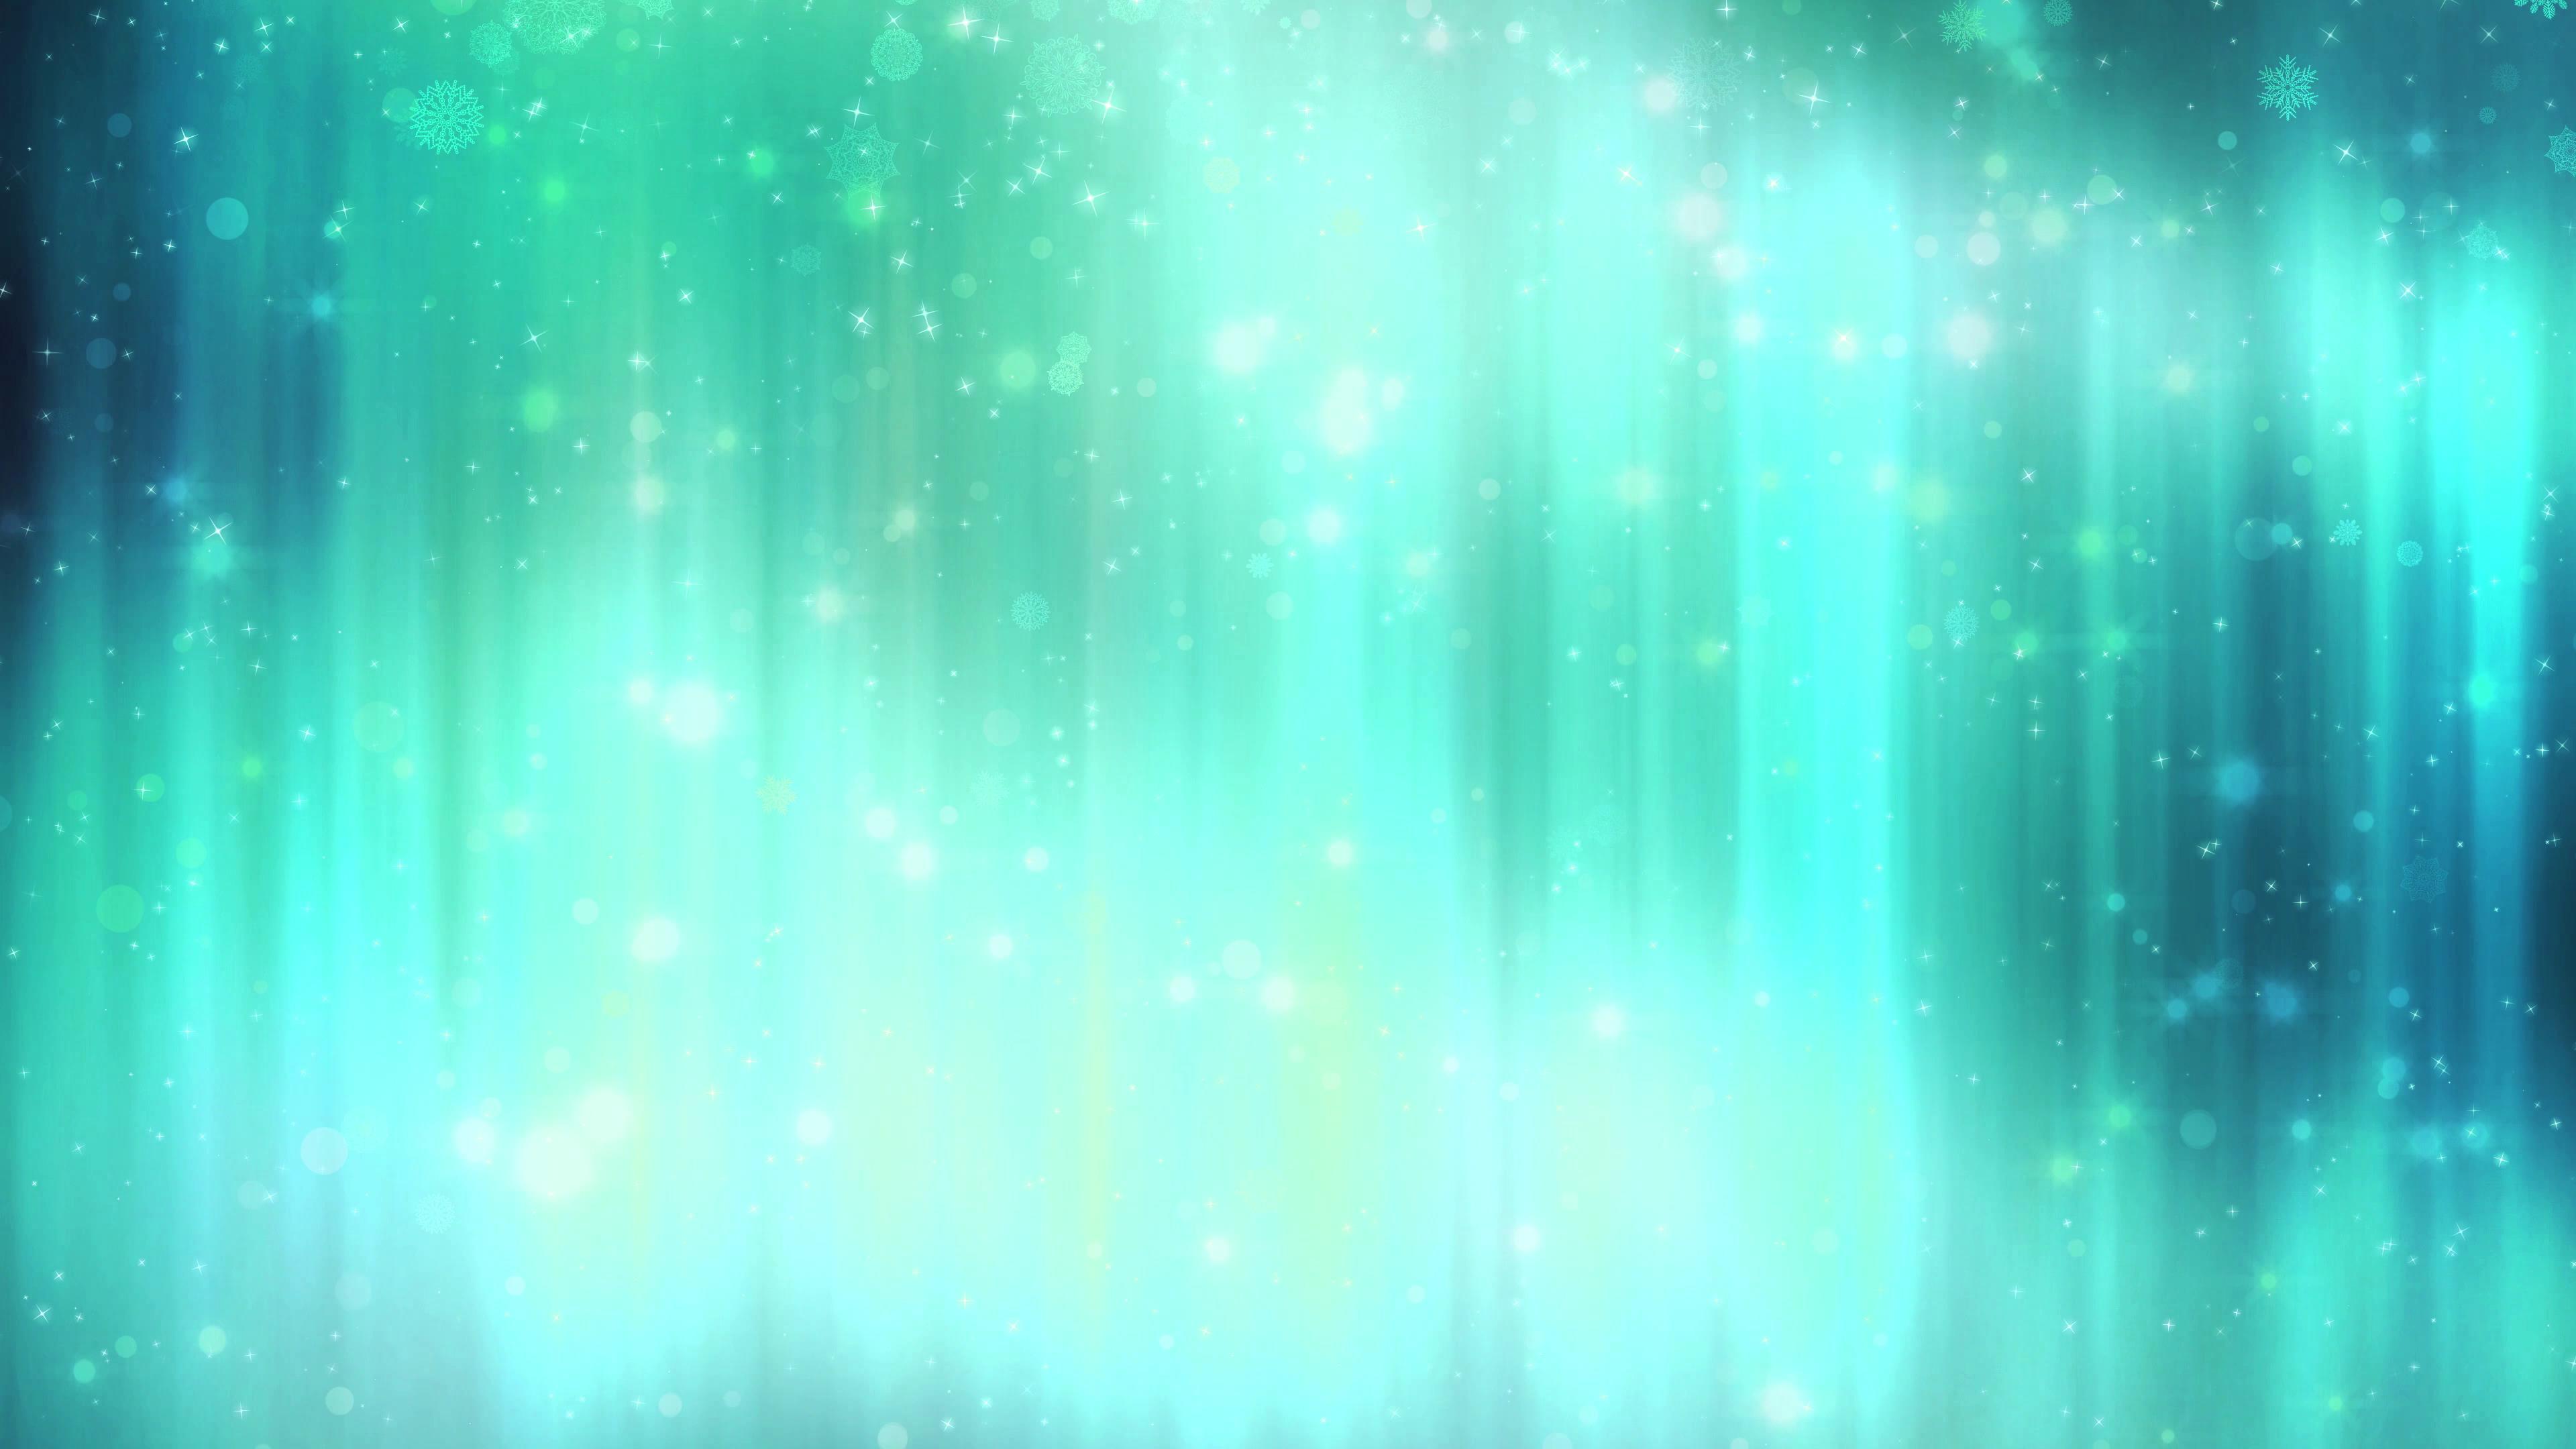 抽象虚幻绿色光点闪烁洒落视频素材